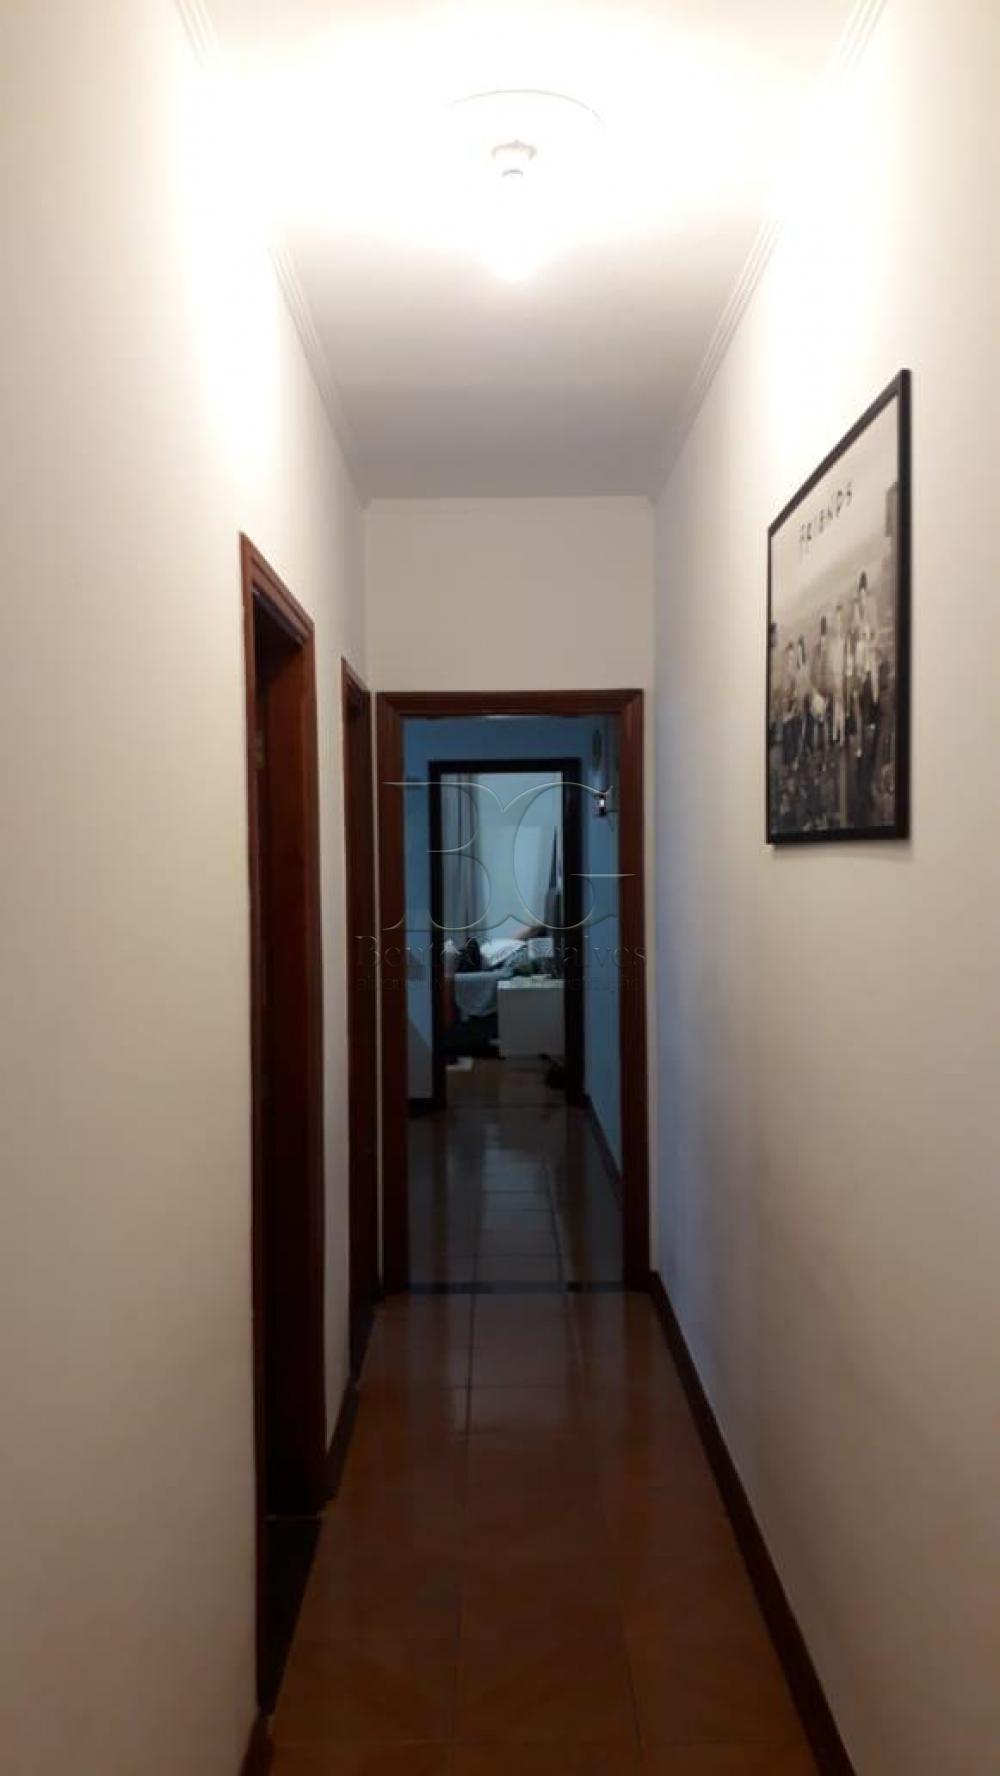 Comprar Casas / Padrão em Poços de Caldas apenas R$ 290.000,00 - Foto 10